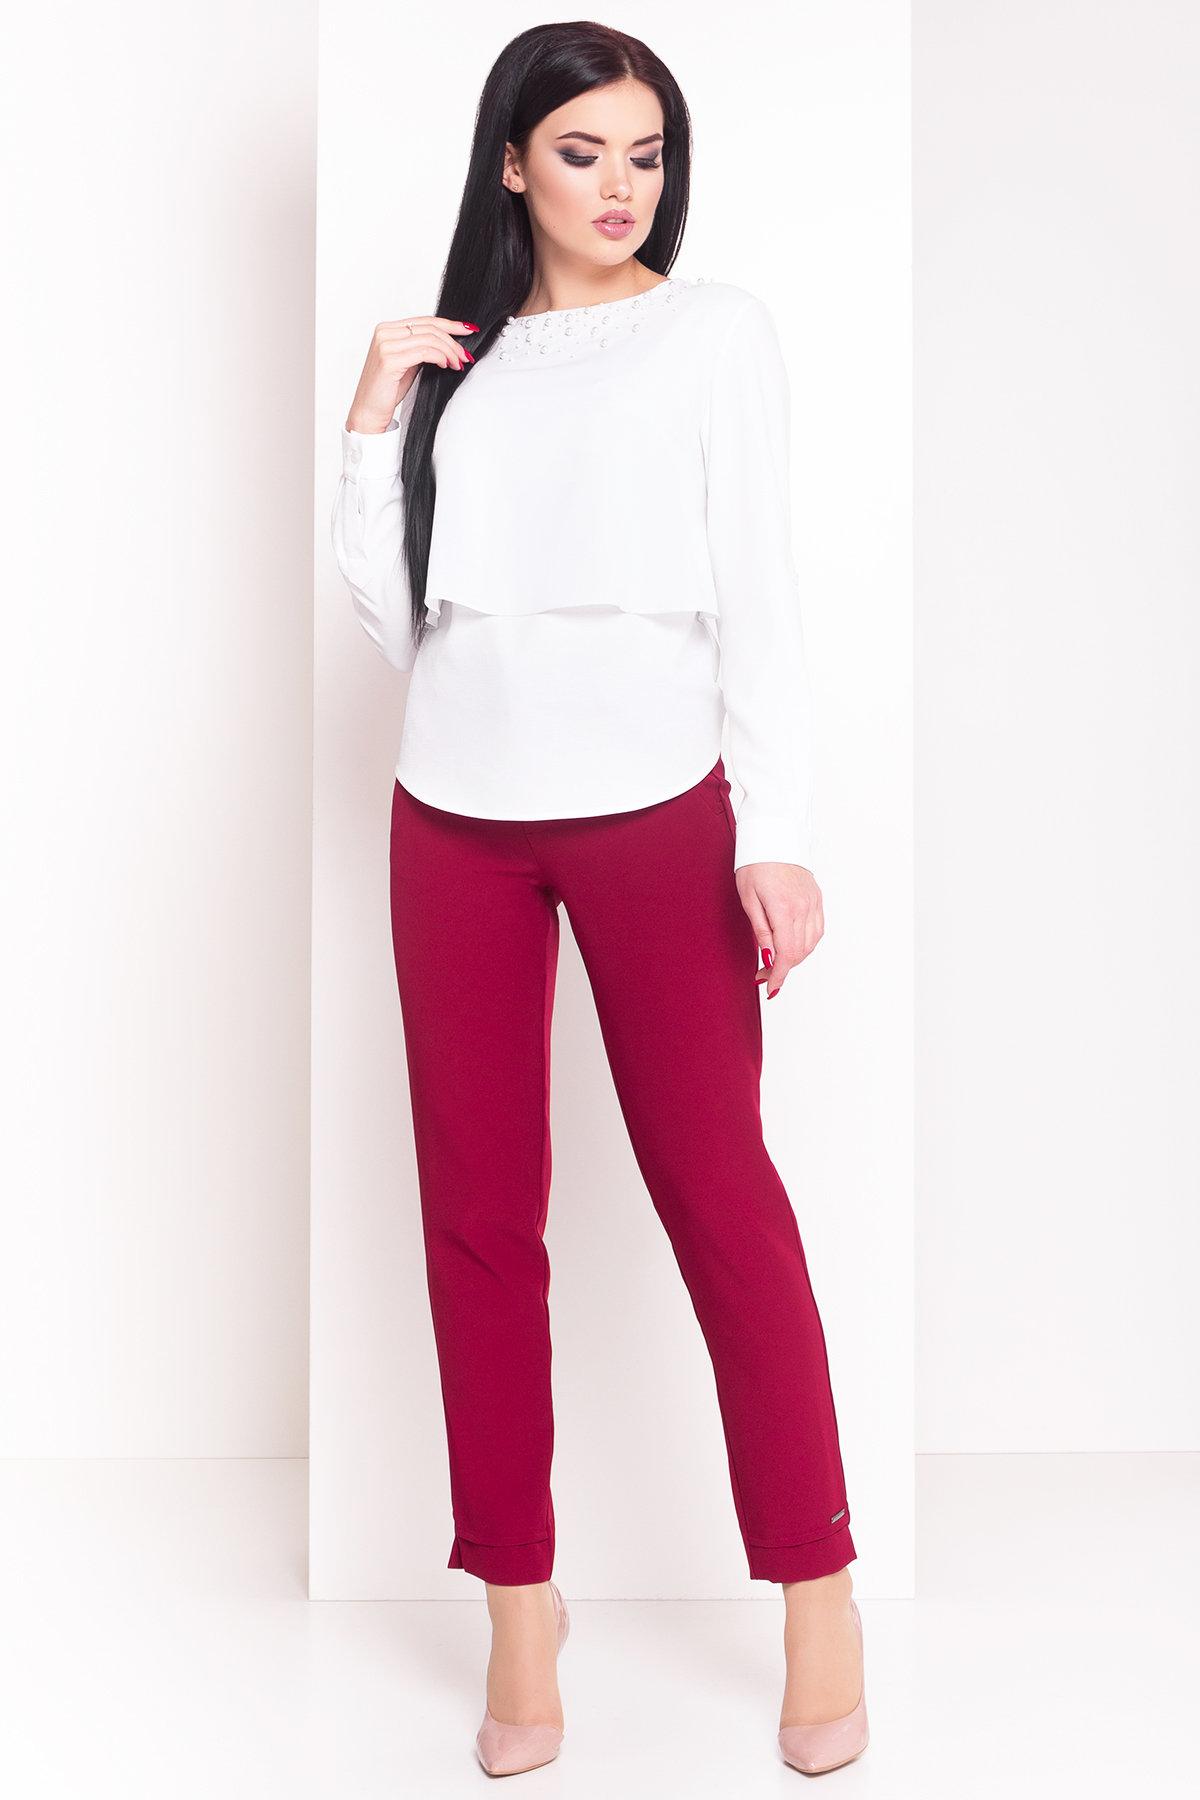 женские брюки в интернет-магазине Брюки с манжетами Сигур 3368